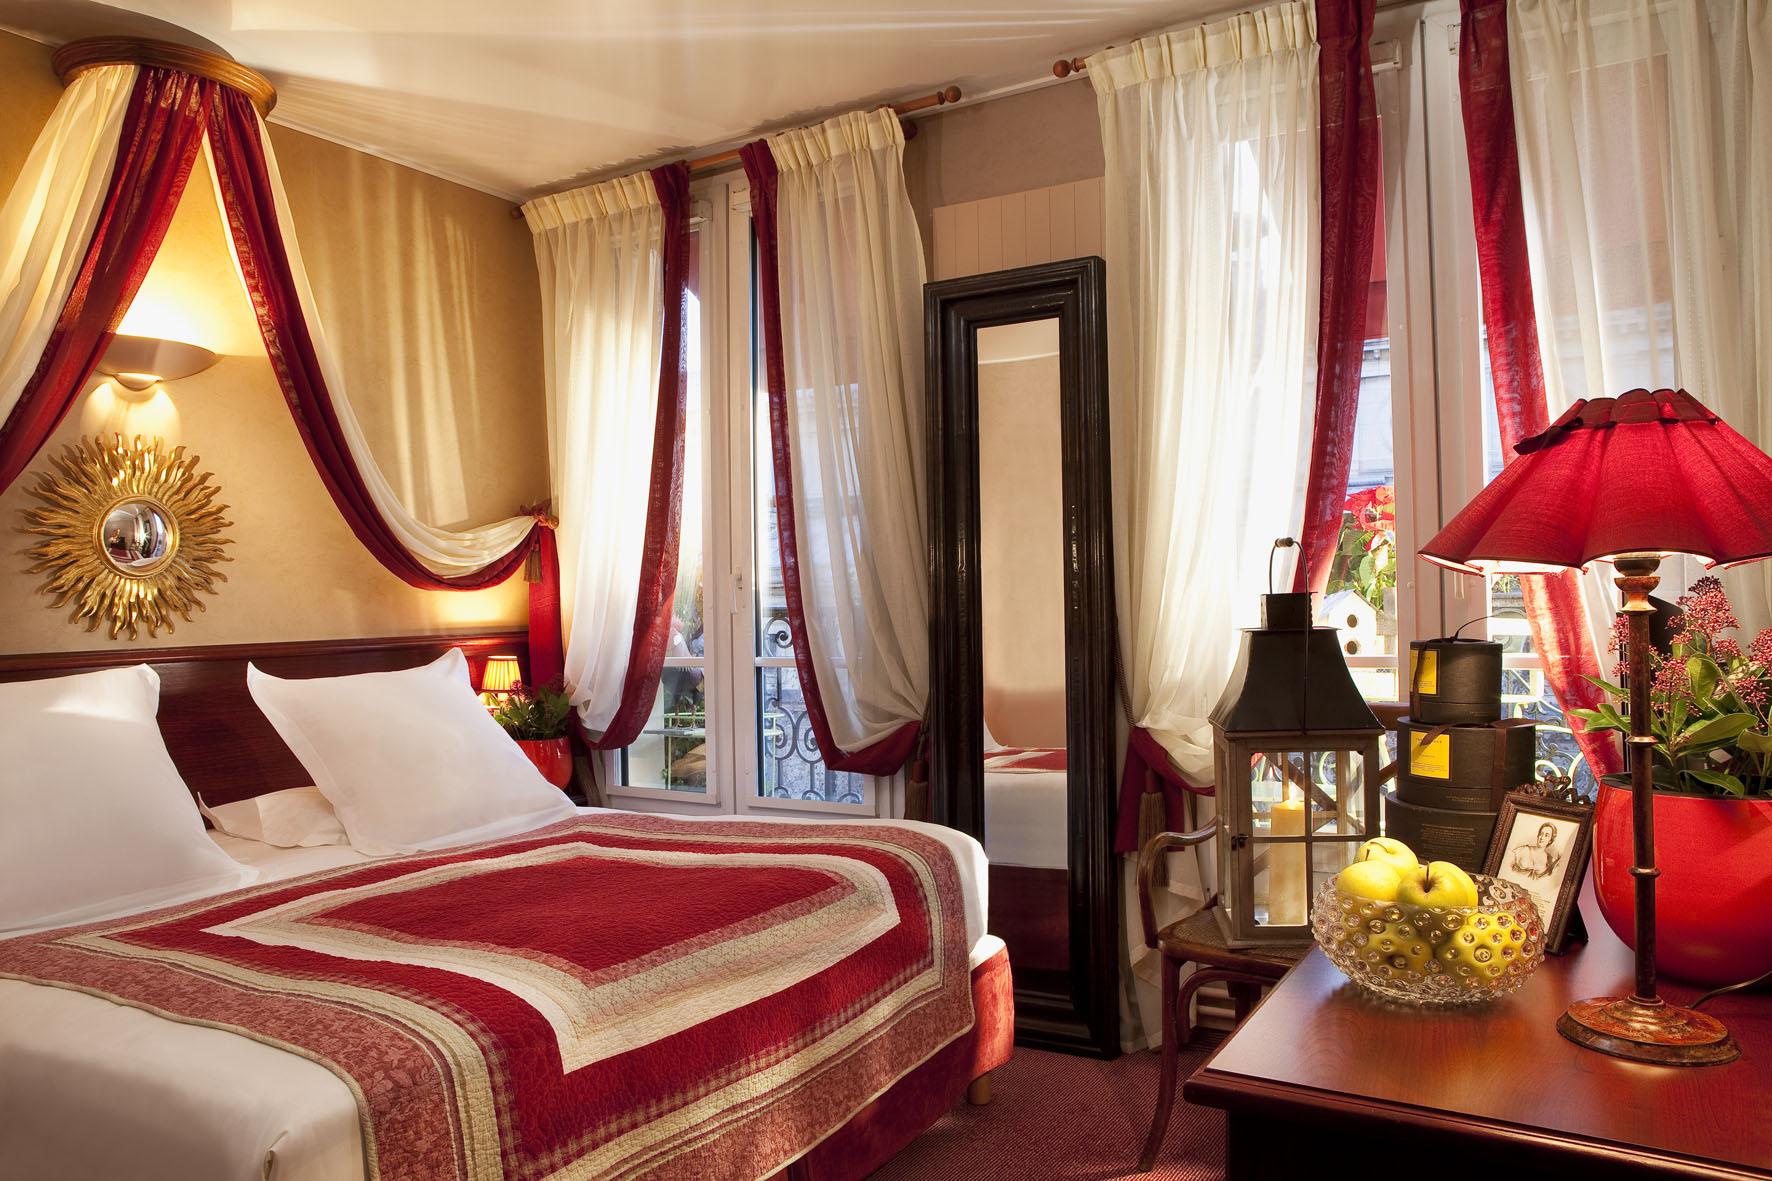 H tel britannique voyage de noces paris 75 paris for Hotel paris 75